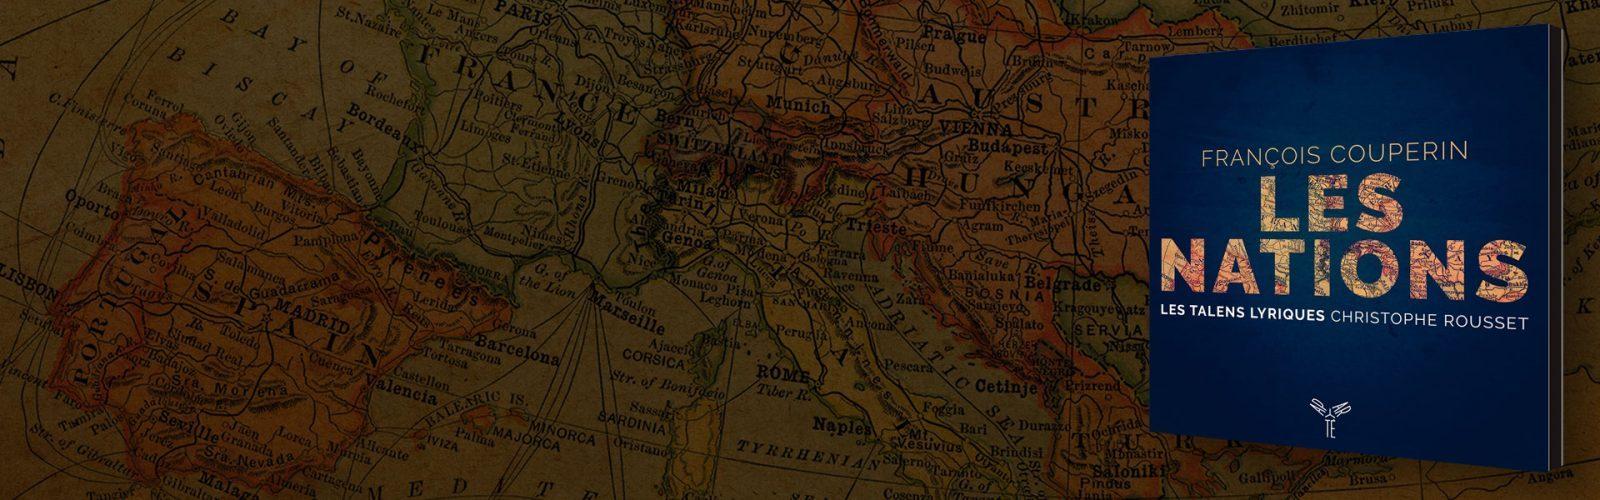 Couperin: Les Nations | Les Talens Lyriques, Christophe Rousset